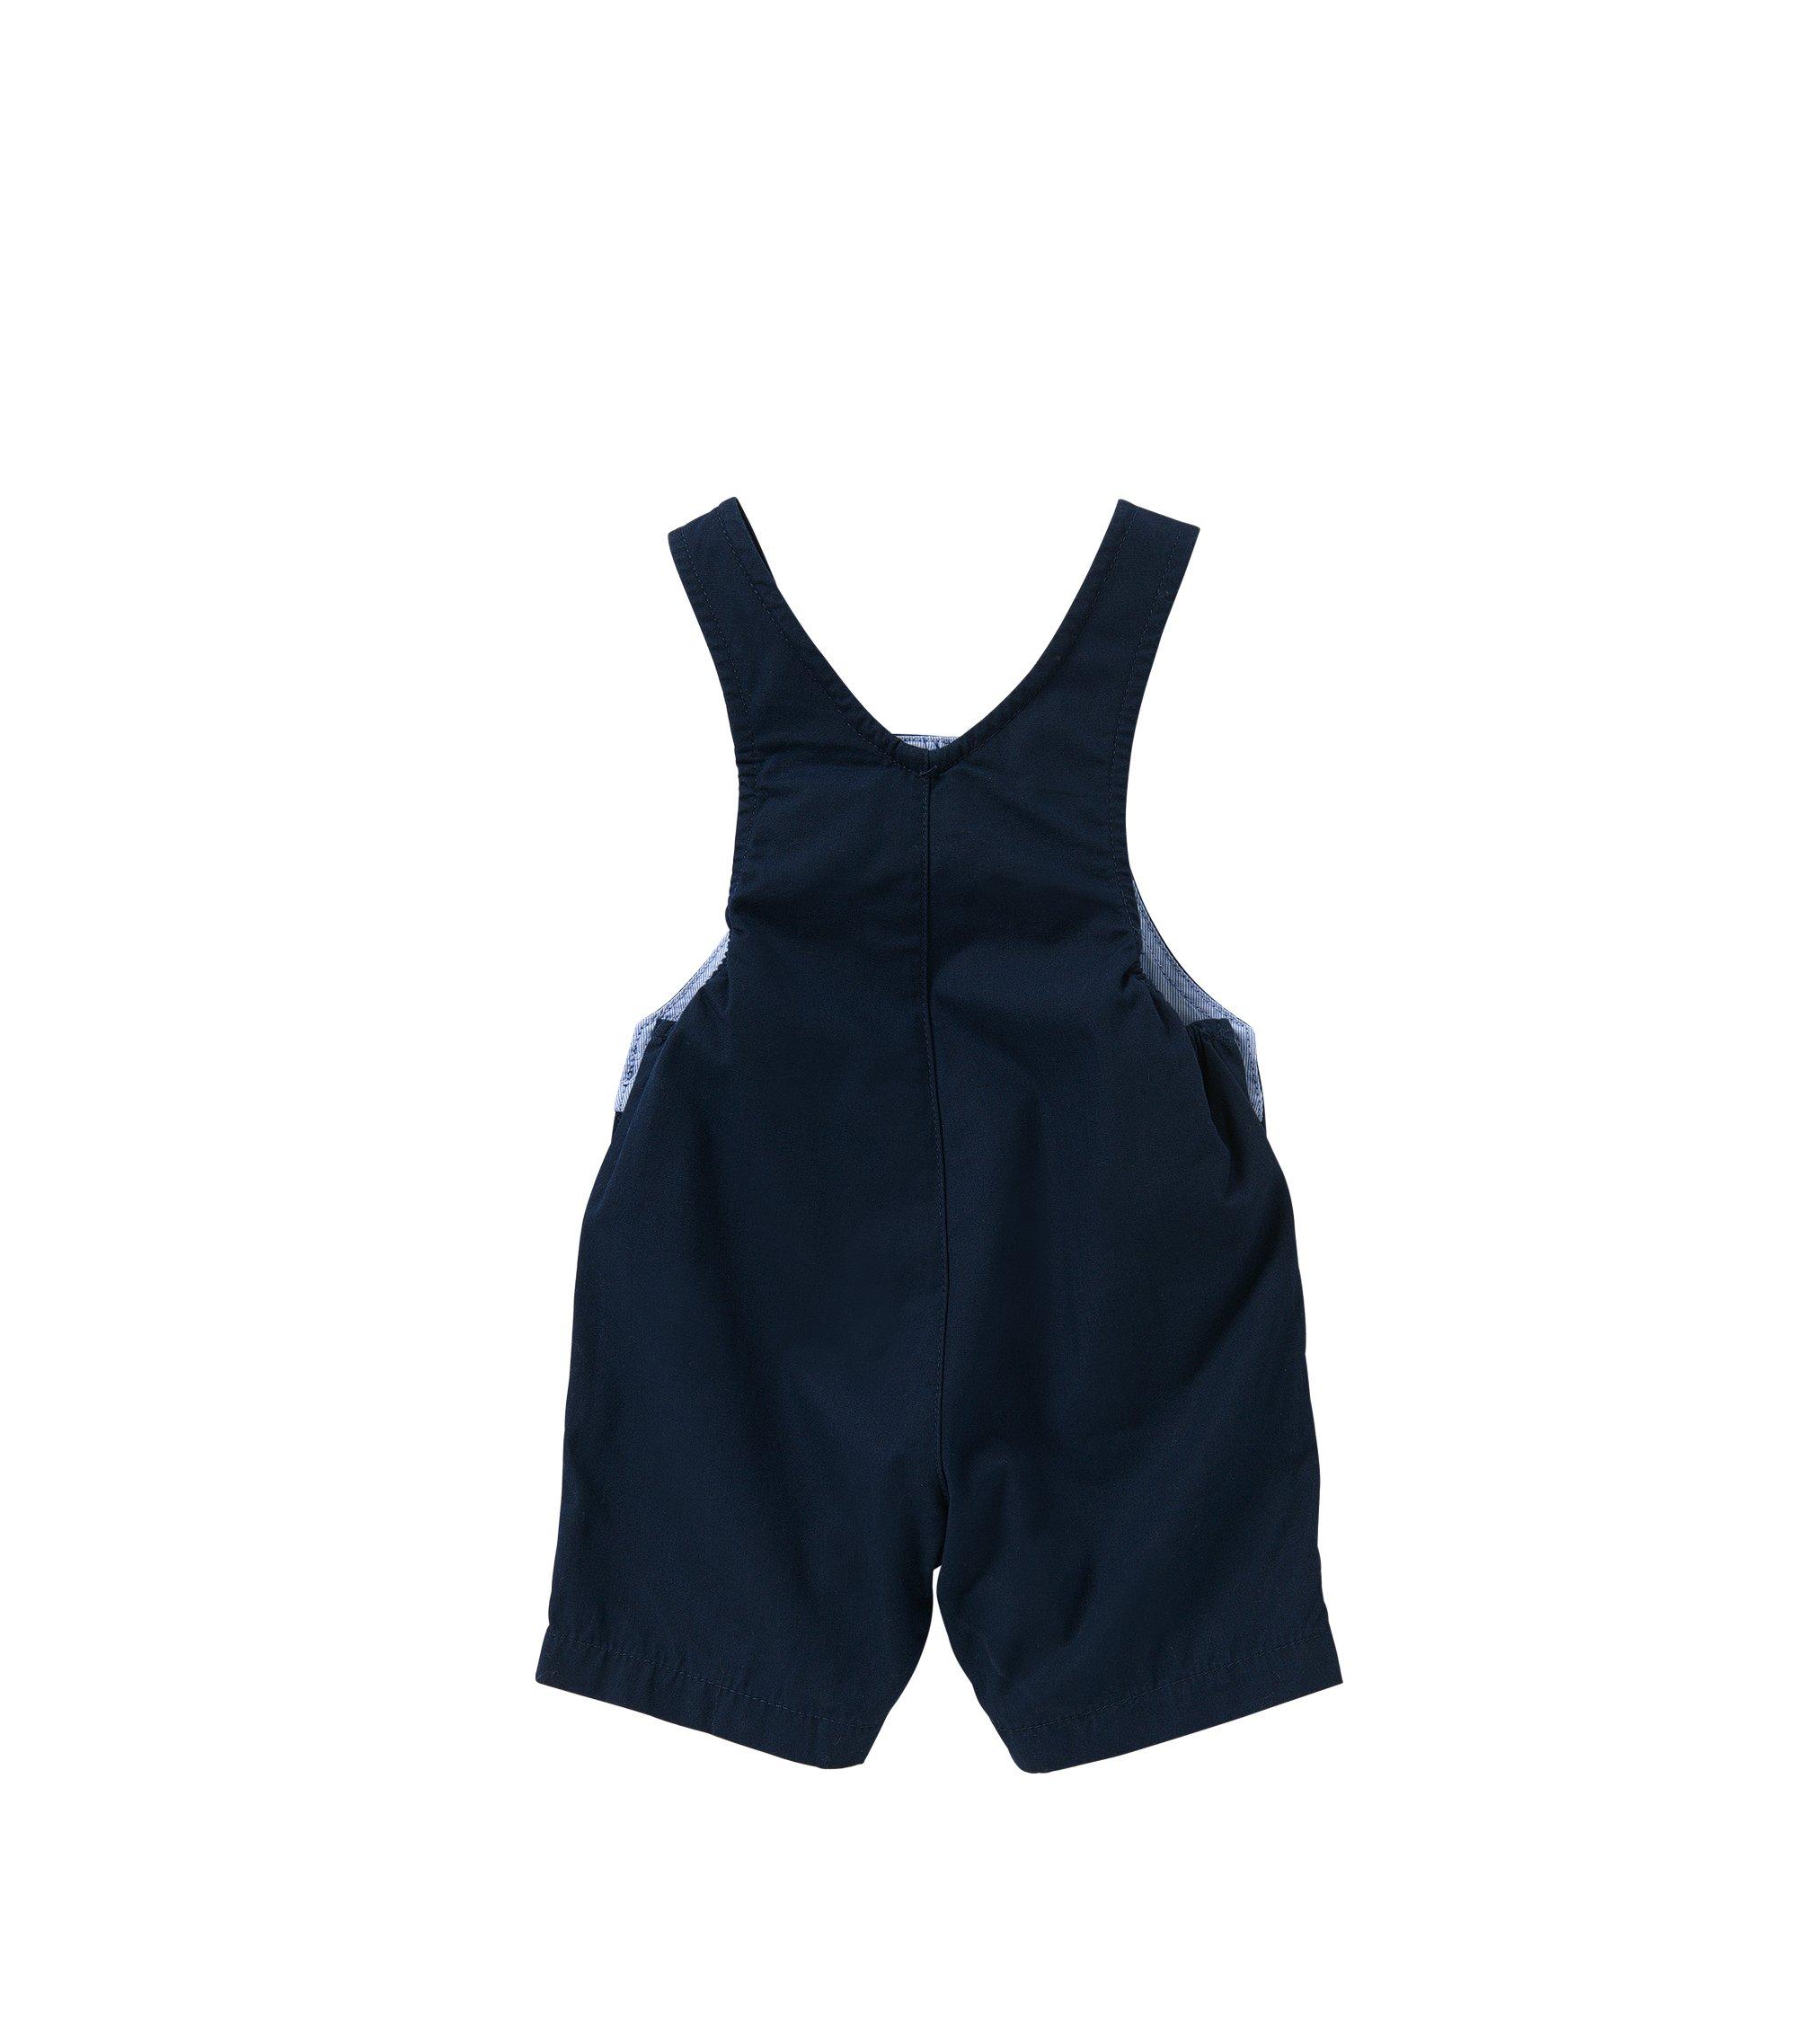 Baby-Latzshorts aus Baumwolle mit Druckknöpfen: 'J94156', Dunkelblau